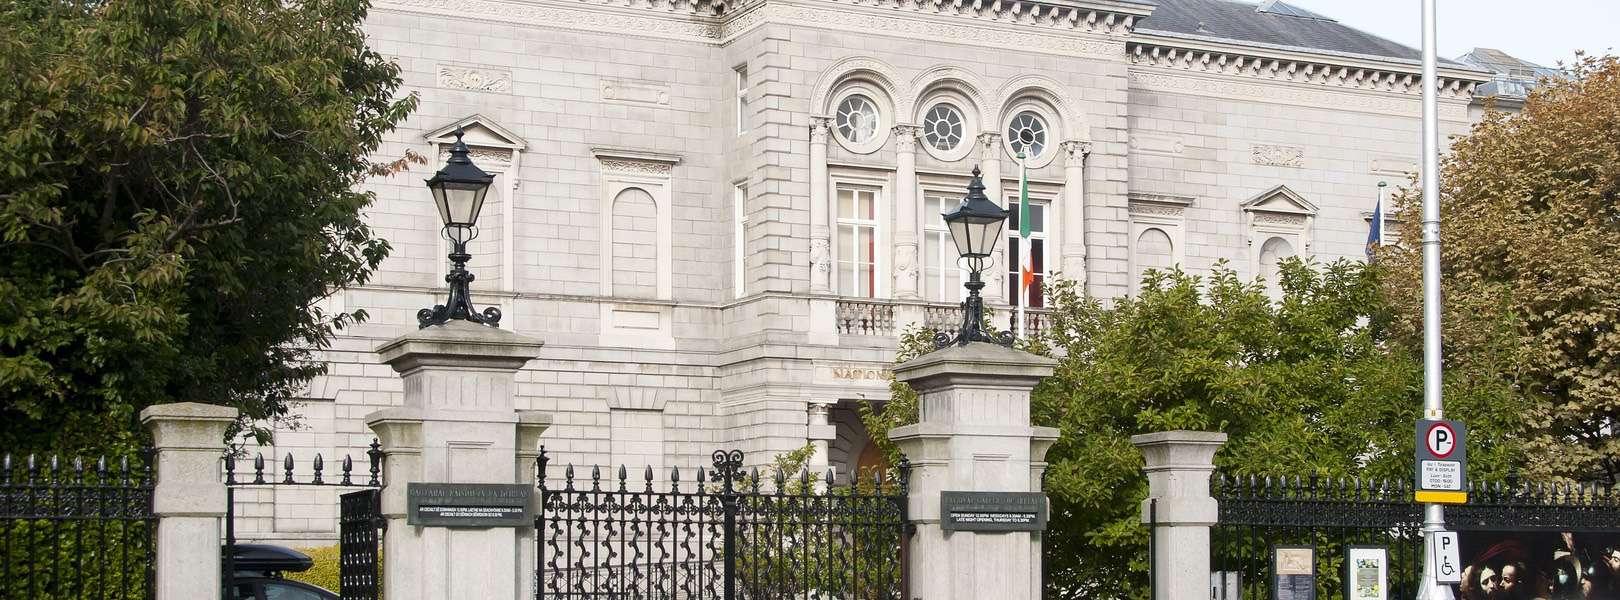 Blick auf das Nationale Museum of Ireland von außen